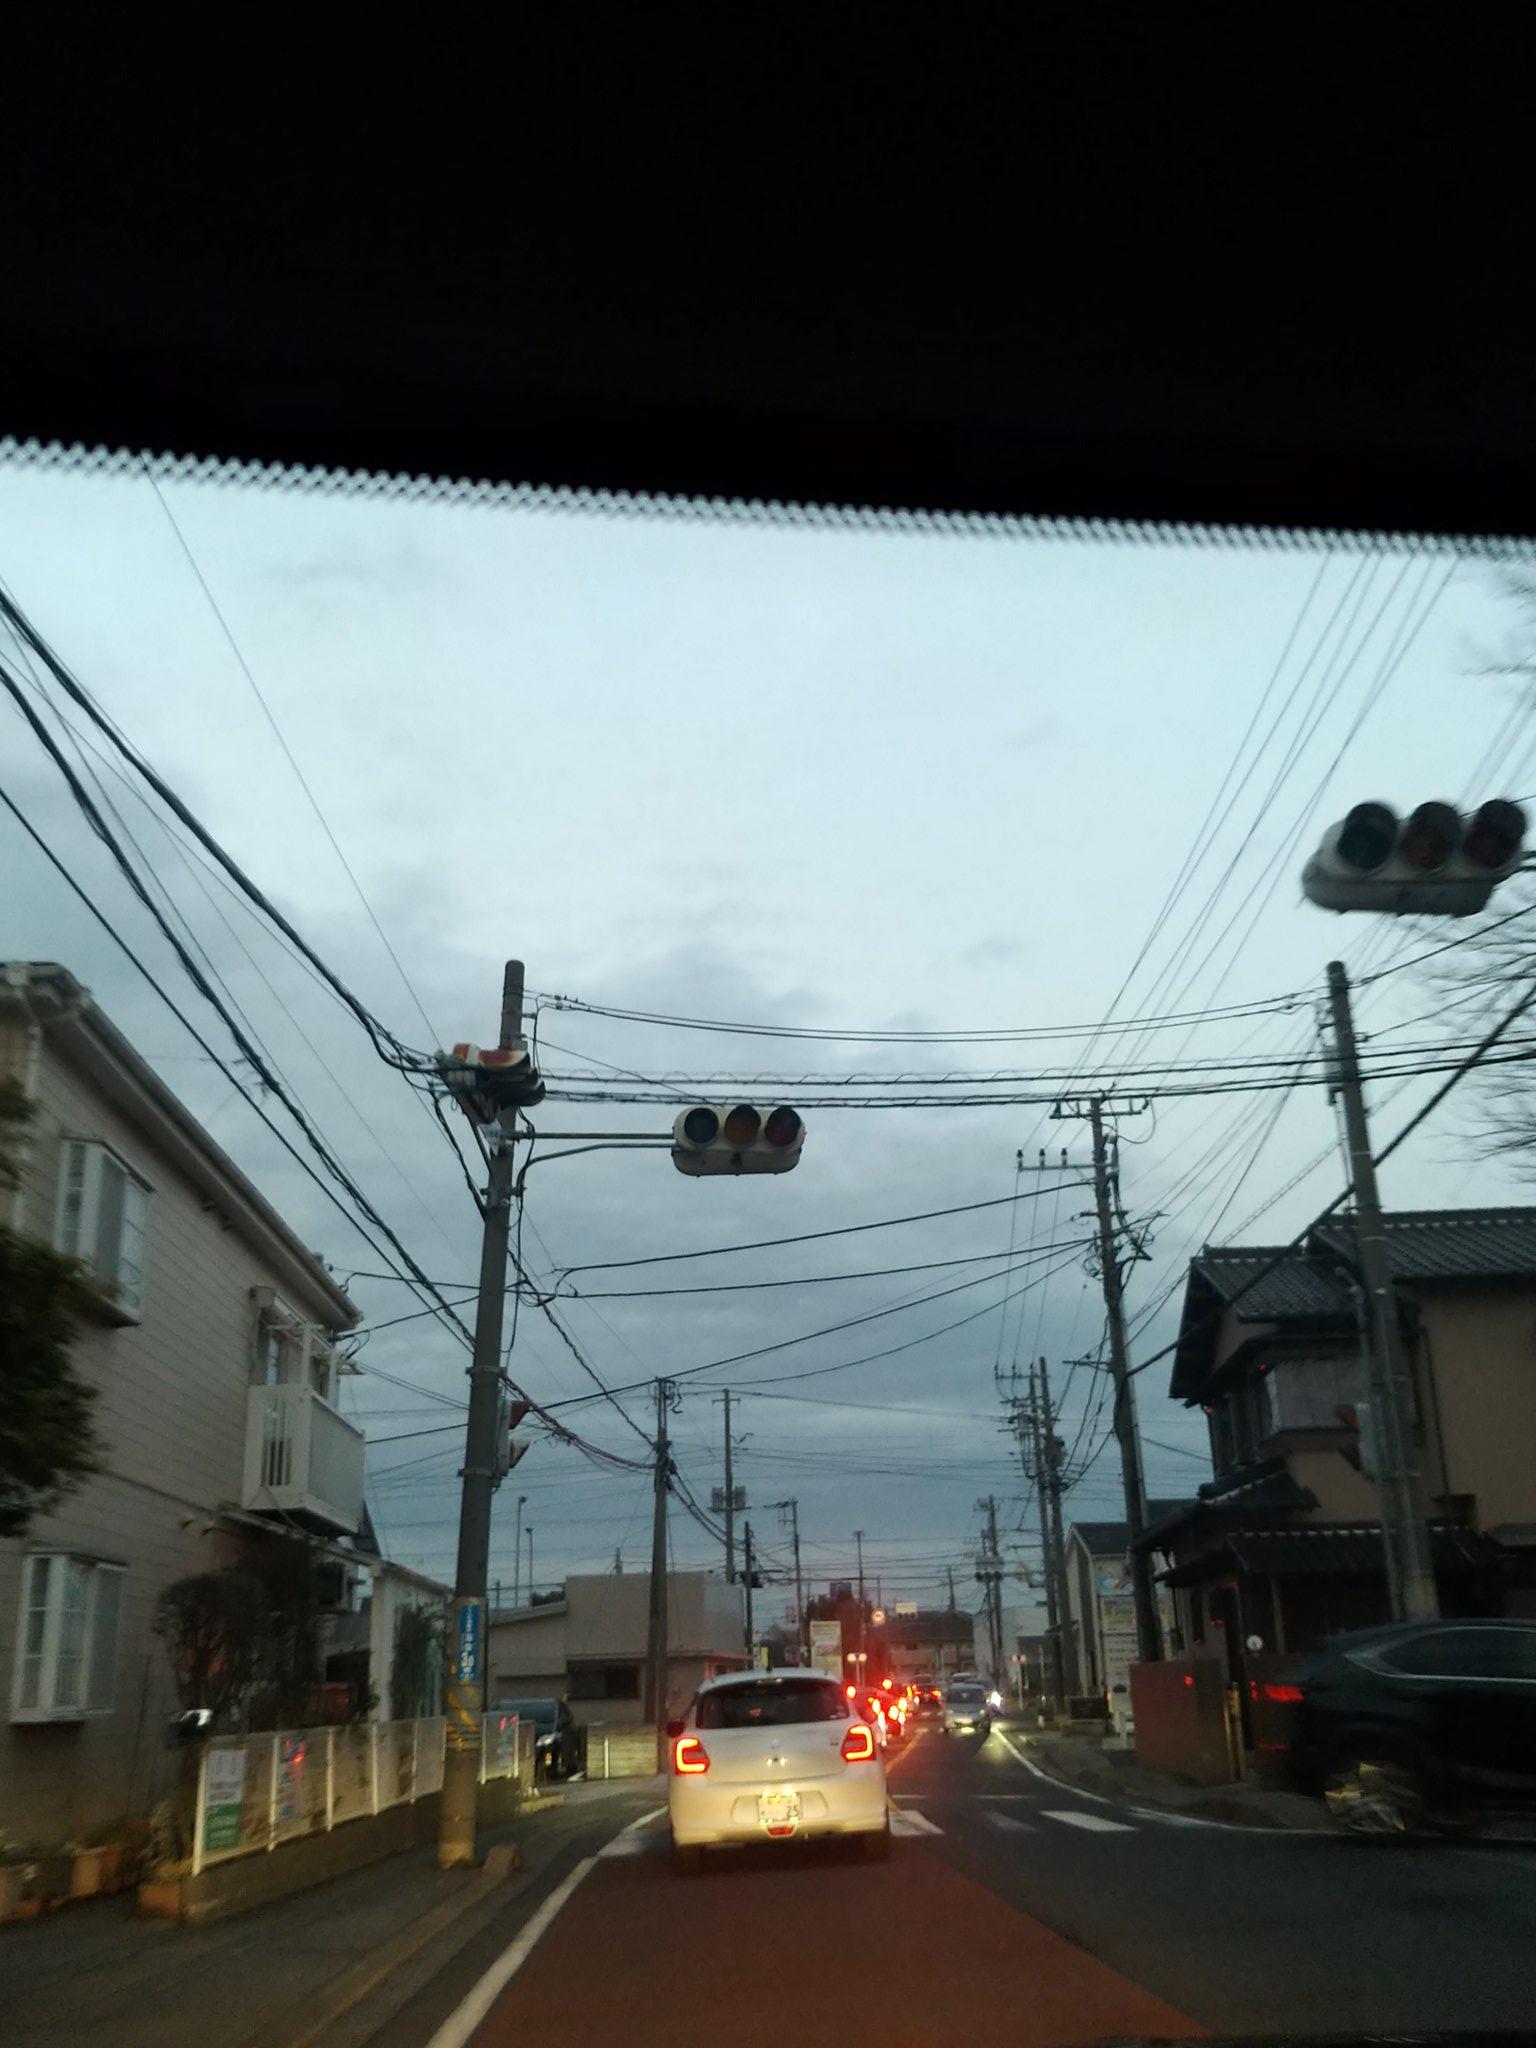 画像,千葉市中央区停電中~ https://t.co/mPGX9qHURO。